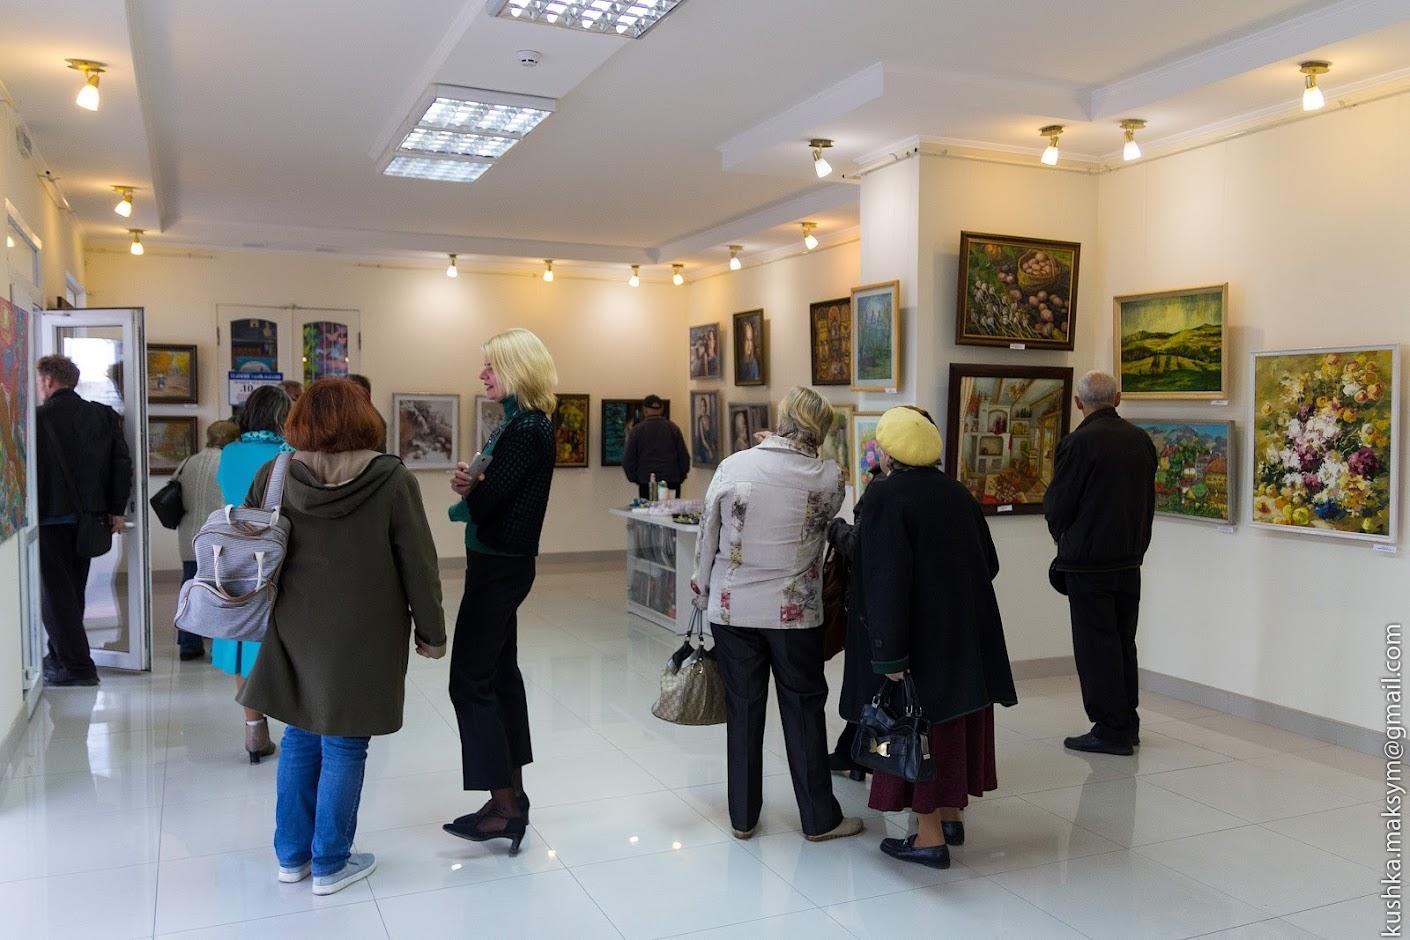 Такий розмаїтий світ мистецтва: до 23 жовтня триватиме виставка до Дня художника